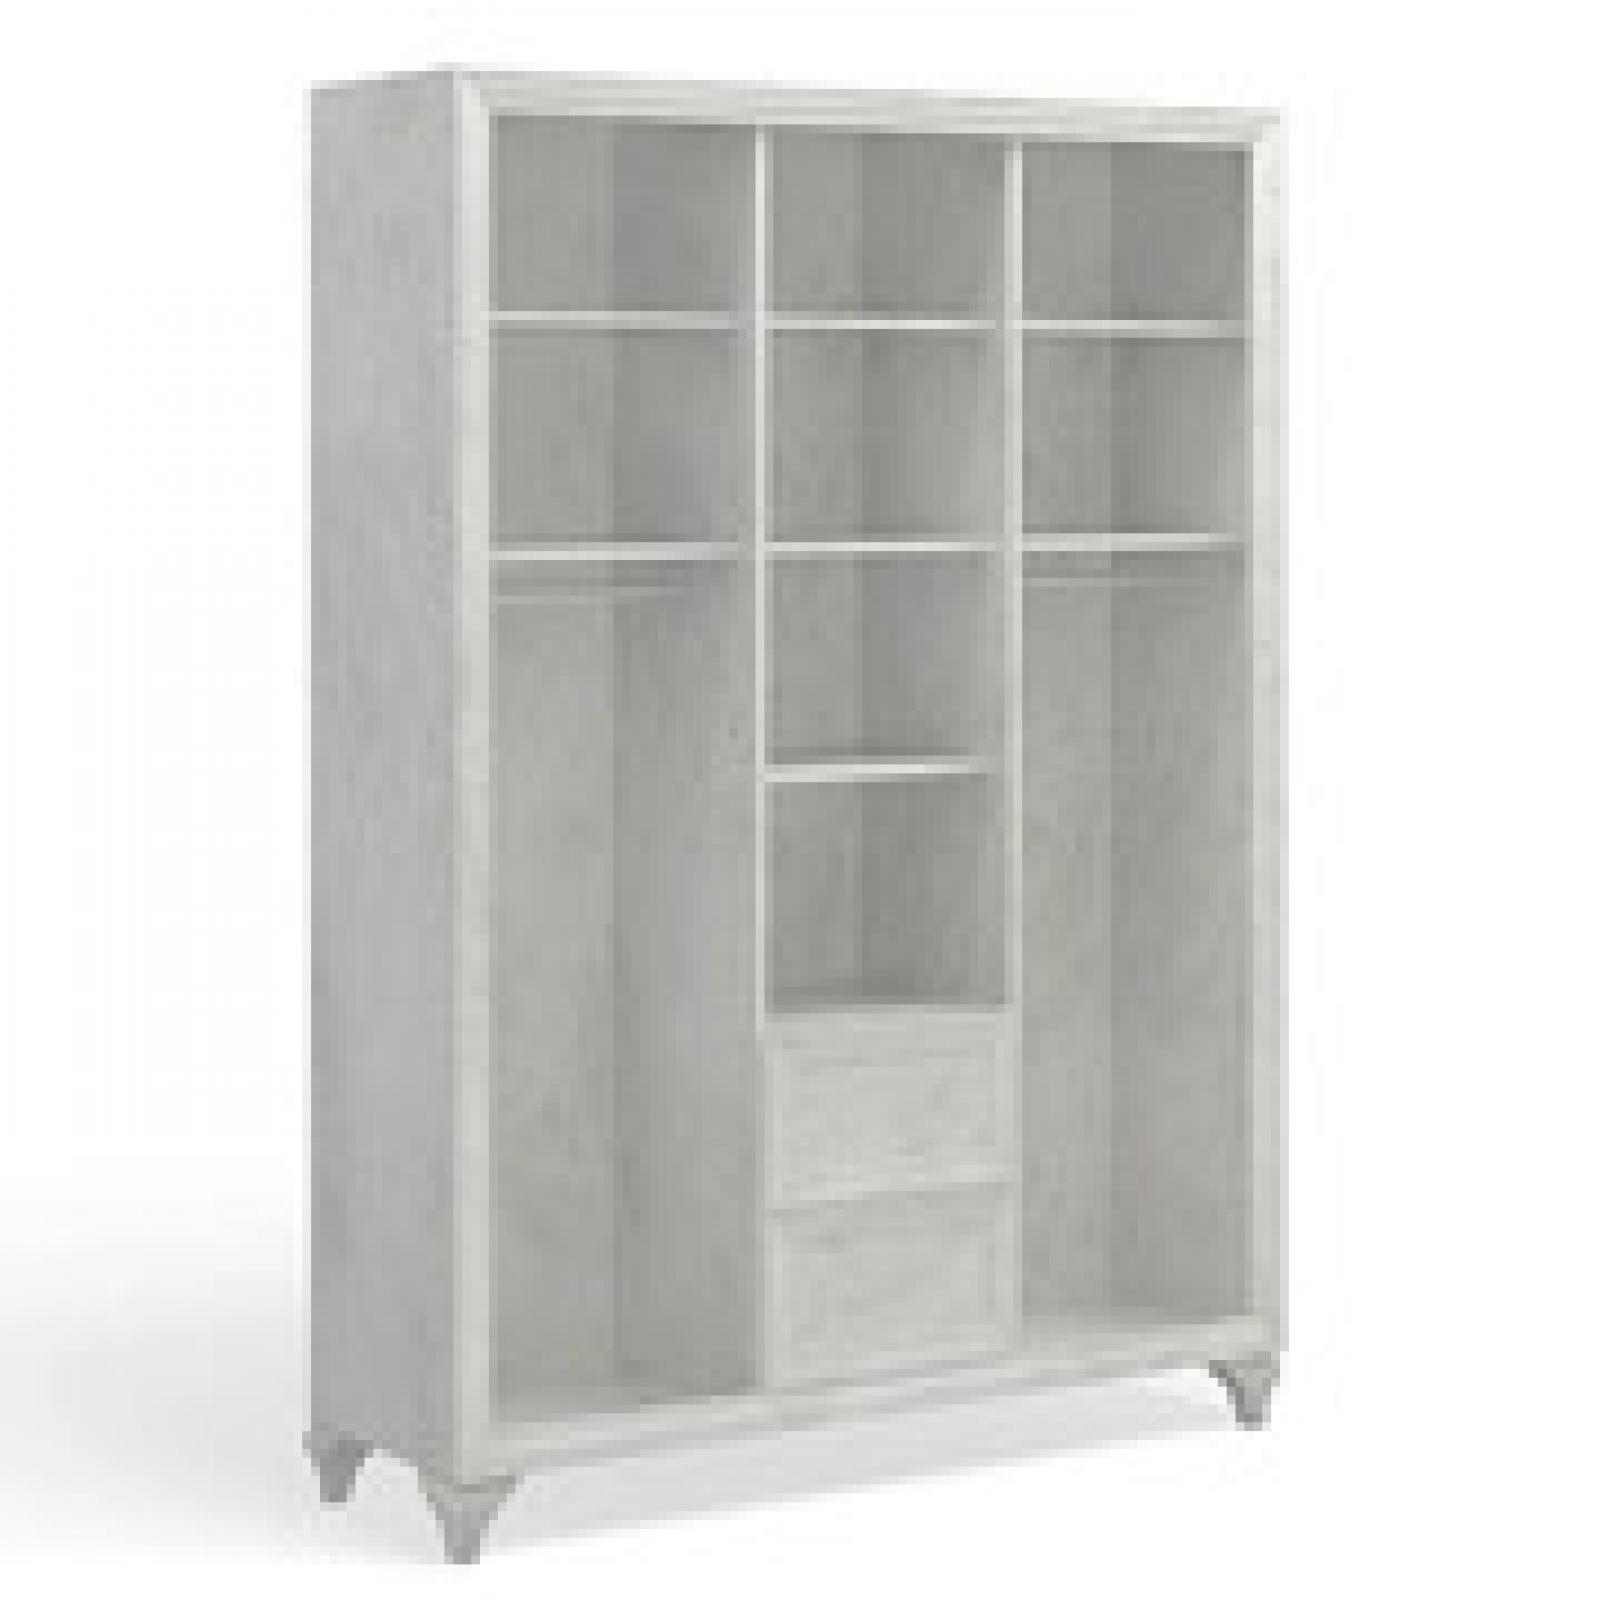 Ария Светлая Шкаф 3-х дверный с ящиками 703.01-B - 1